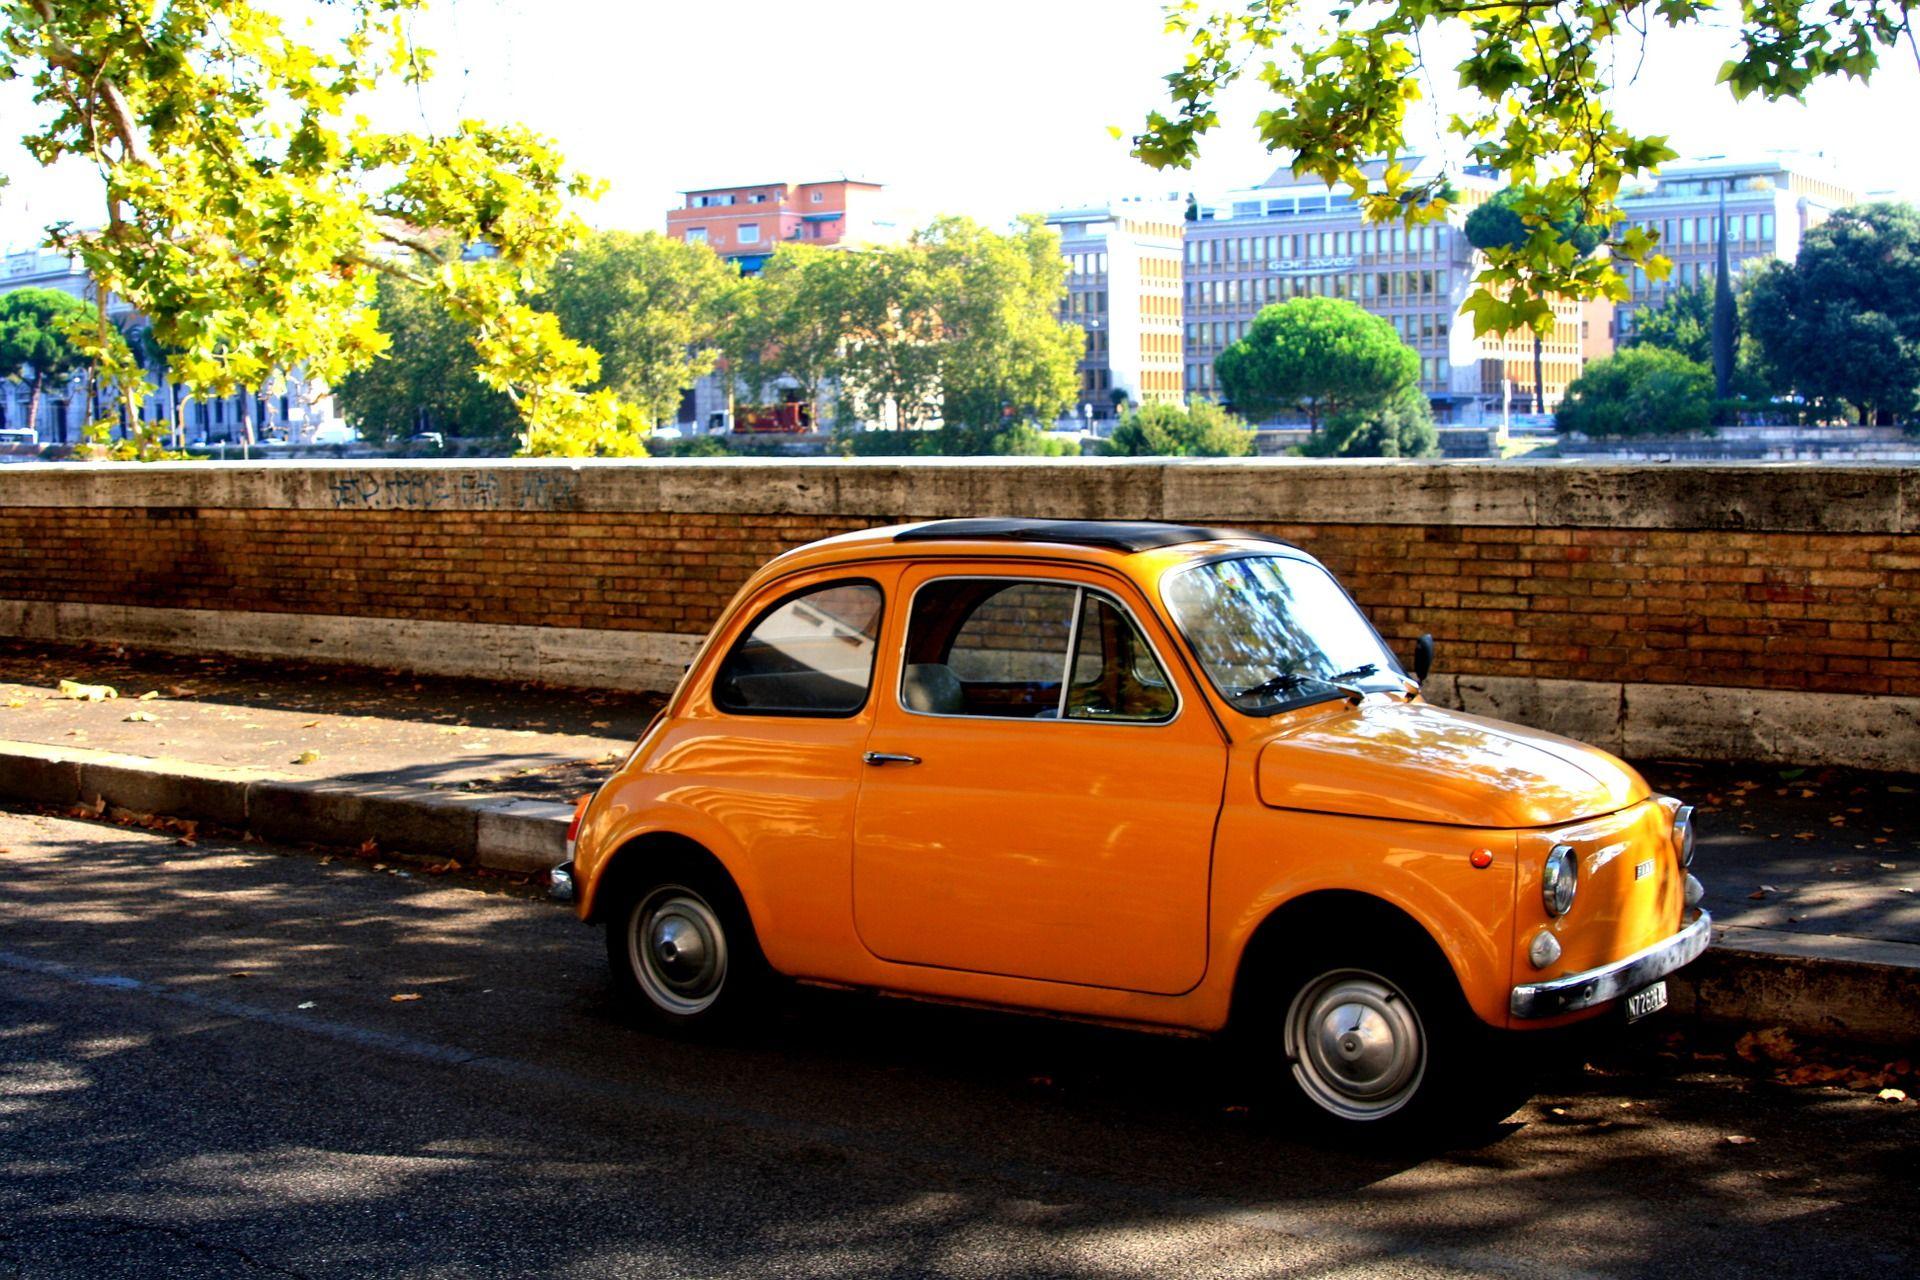 Bardzo dobry Wypożyczenie samochodu we Włoszech - praktyczne informacje KX43